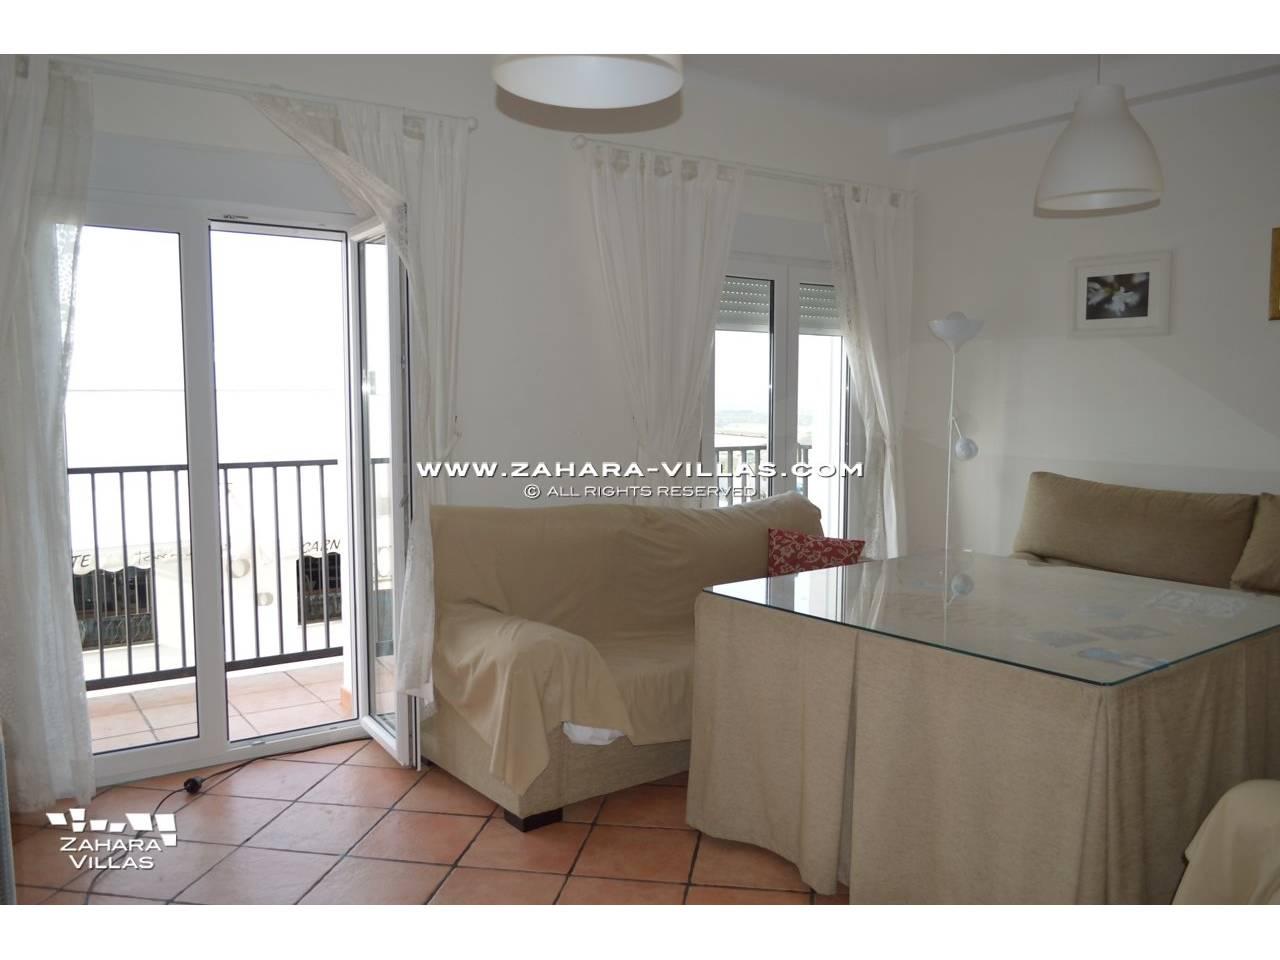 Imagen 5 de House for sale